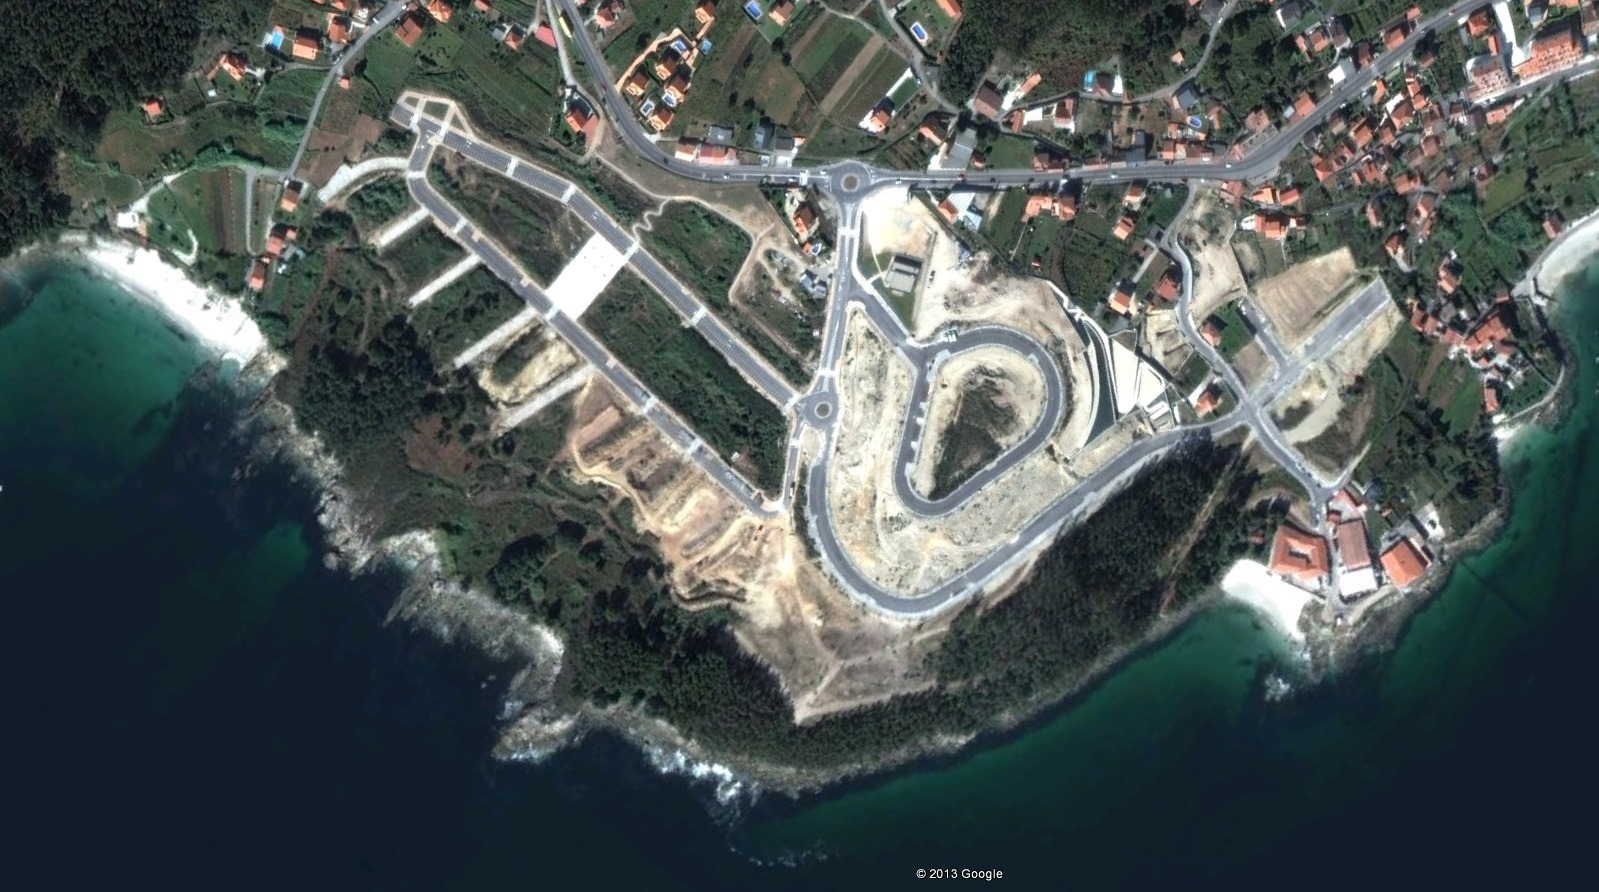 después, urbanismo, foto aérea,desastre, urbanístico, planeamiento, urbano, construcción, Sanxenxo, Pontevedra, costa